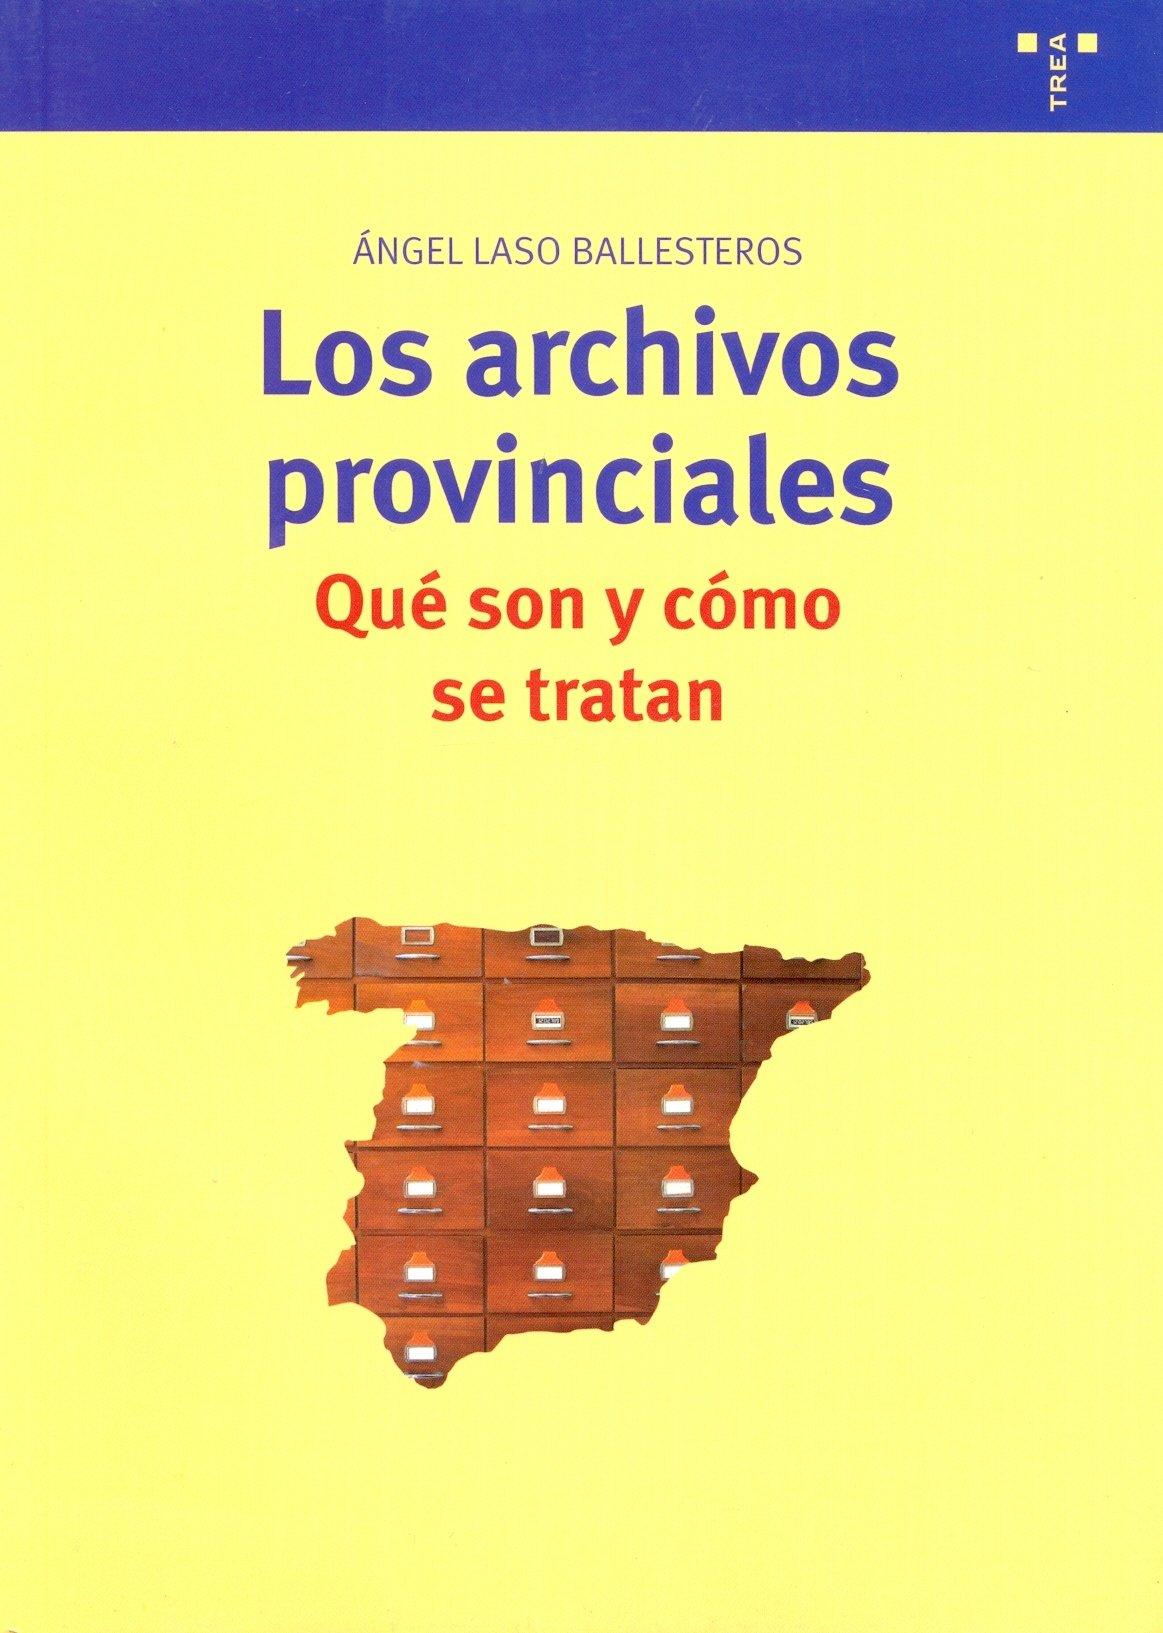 Los archivos provinciales: qué son y cómo se tratan (Archivos Siglo XXI) Tapa blanda – 1 ene 2009 Ángel Laso Ballesteros Ediciones Trea S.L. 8497044630